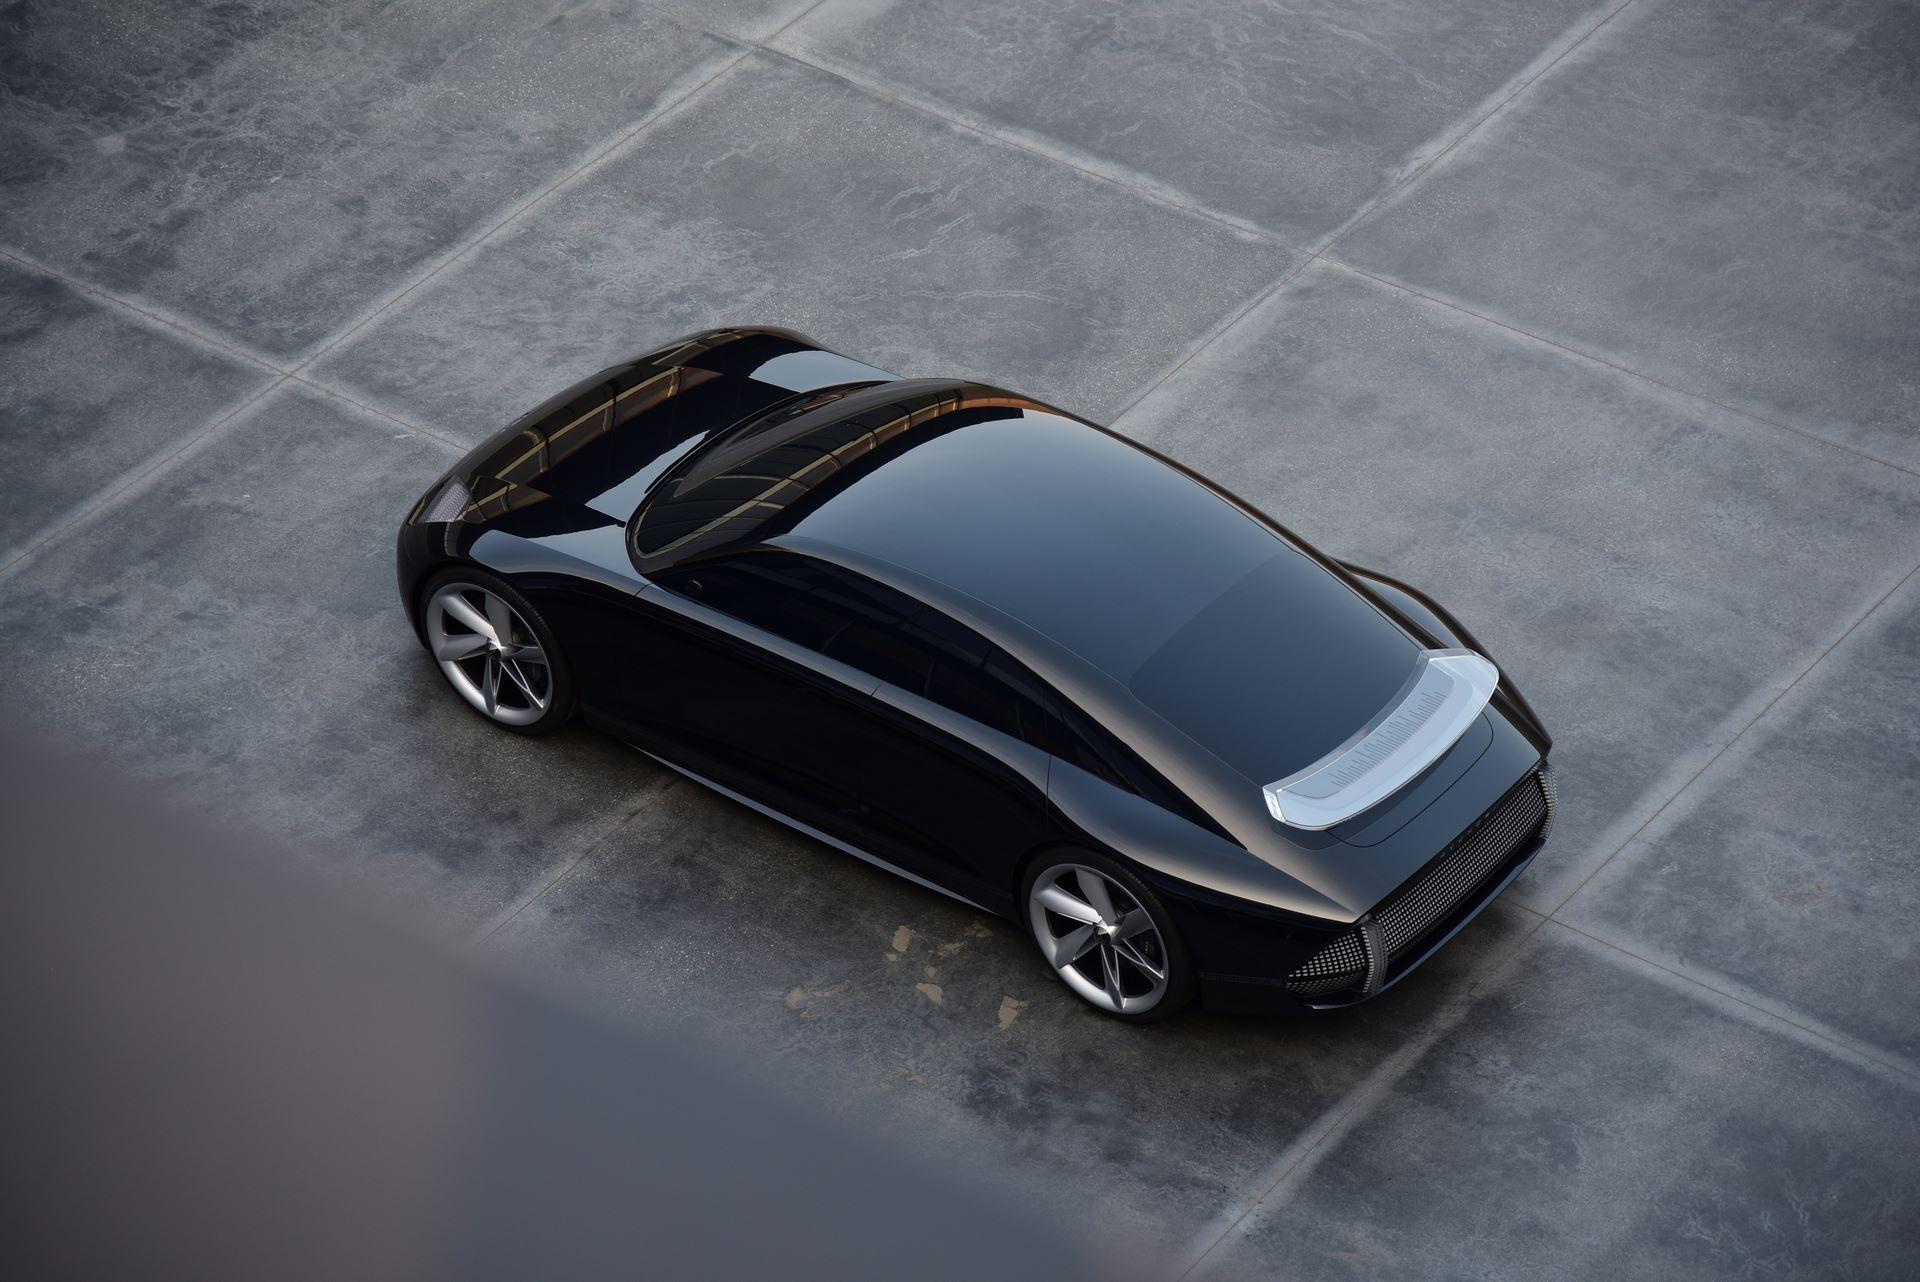 Hyundai-Prophecy-Concept-5